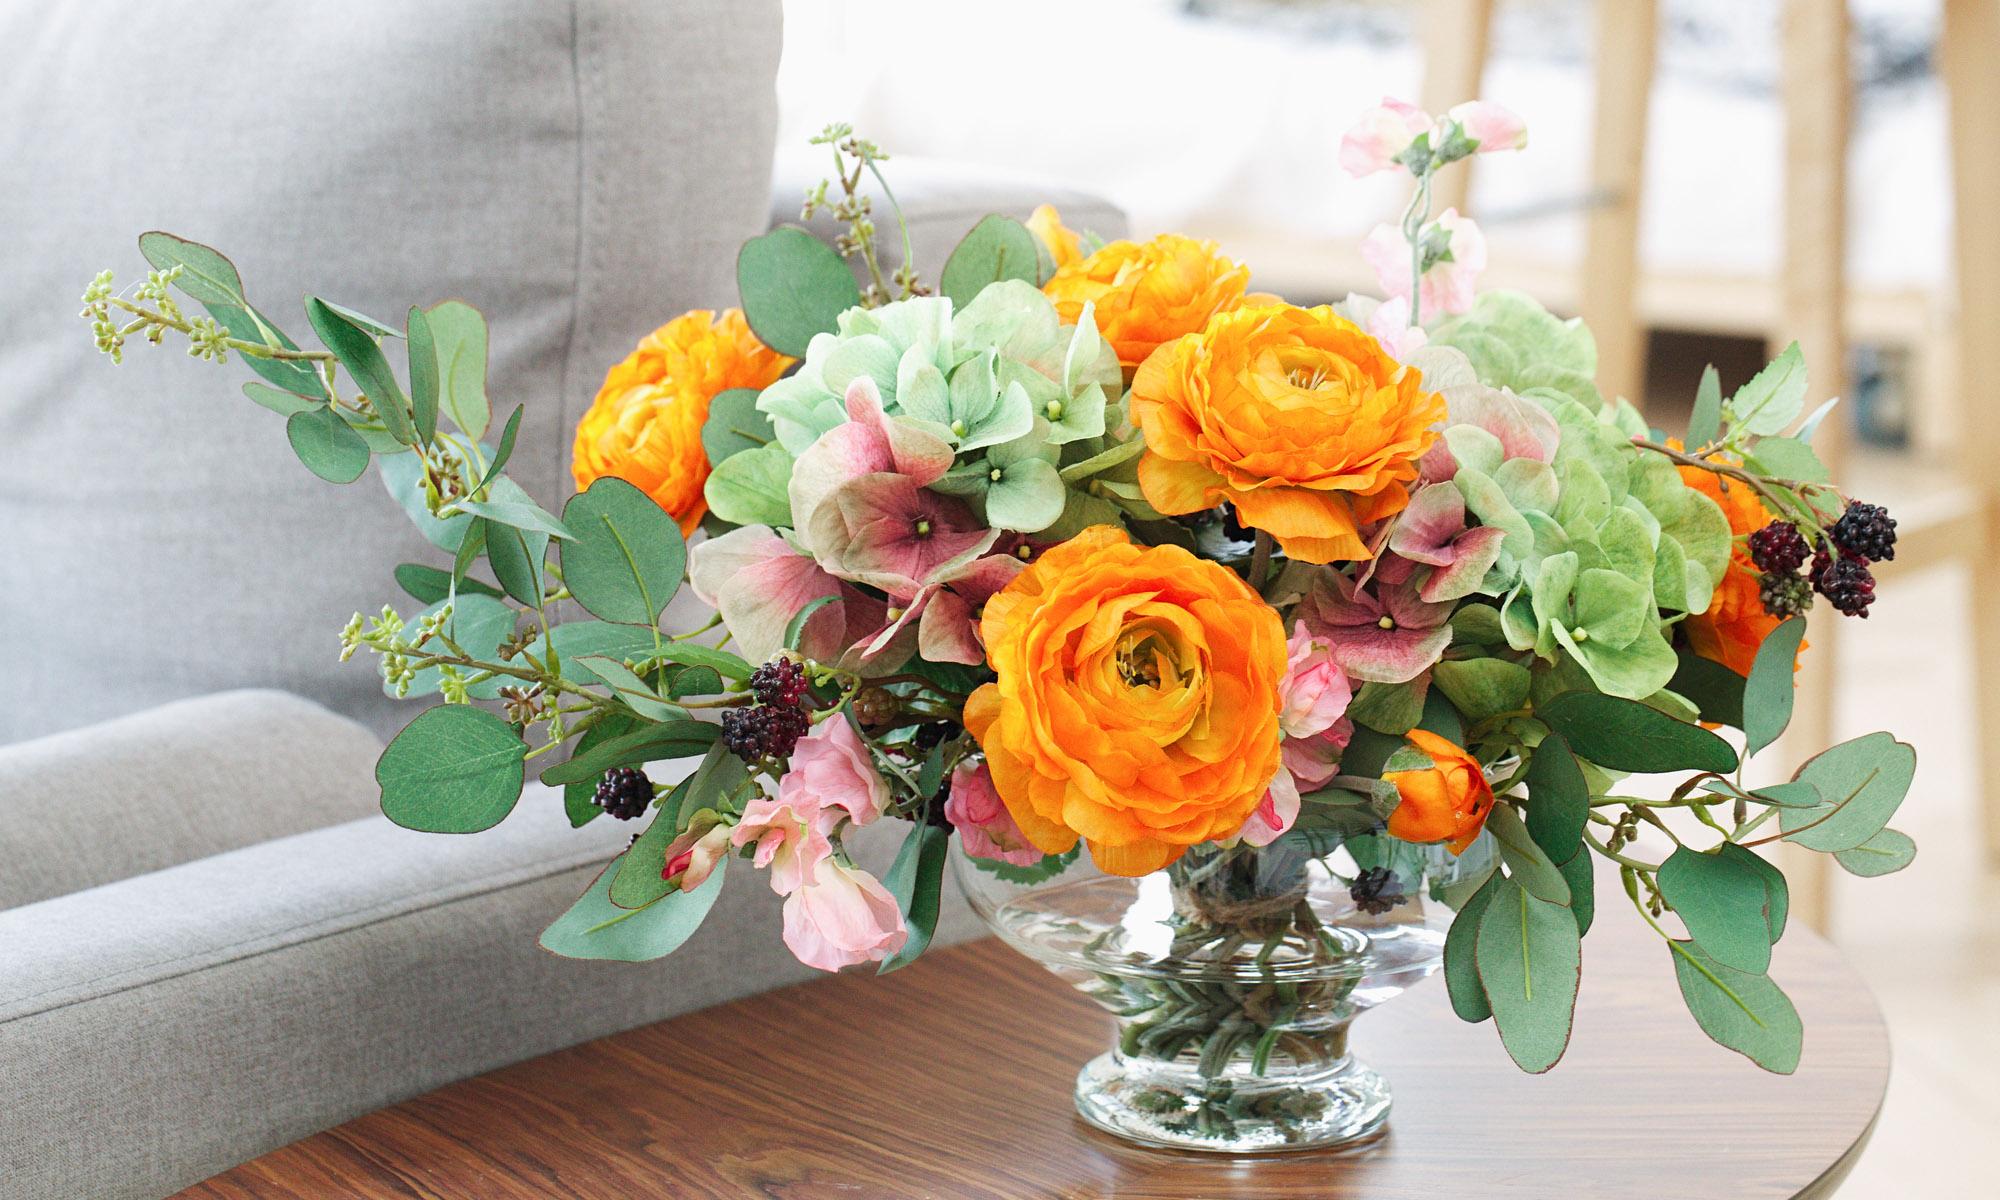 Купить Композиция из искусственных цветов - зелено-розовая гортензия, рыжие ранункулюсы, inmyroom, Россия